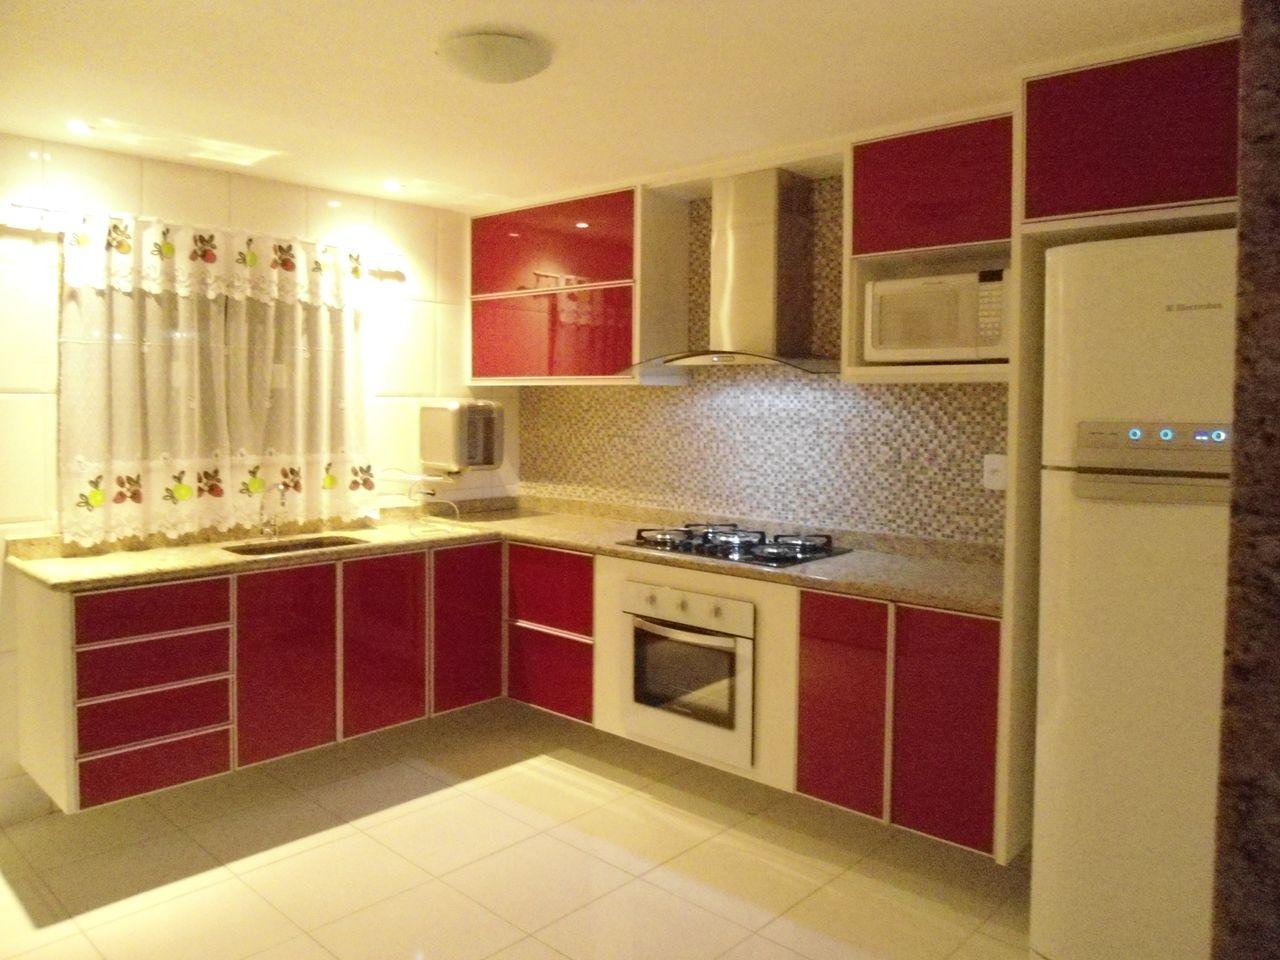 Cozinha Planejada Vermelho E Branco Oppenau Info